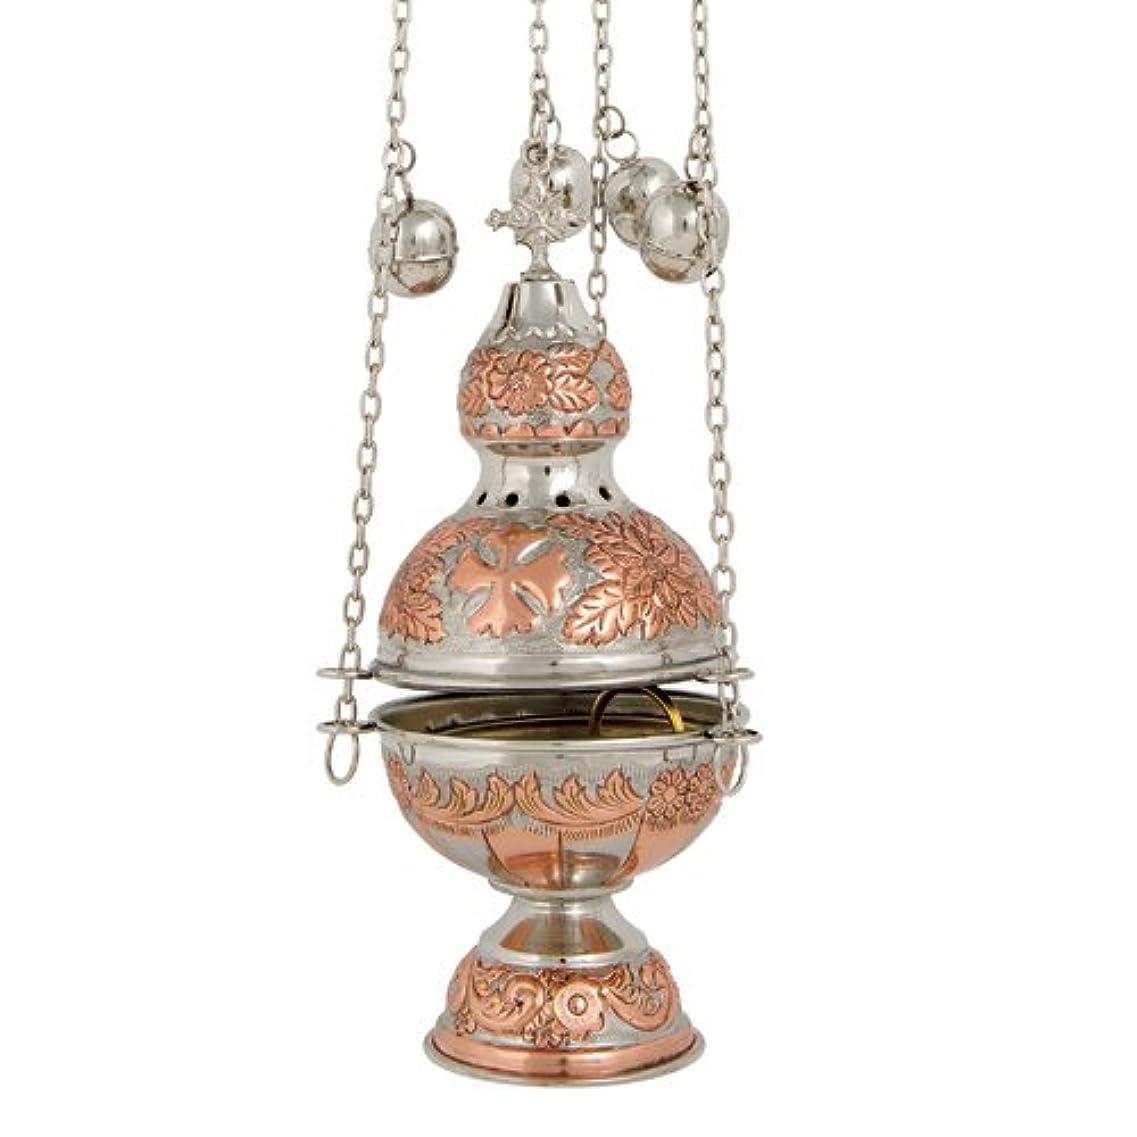 懐意見うそつき銅ニッケルメッキ真鍮Christian教会Thurible香炉香炉( 372 CN )